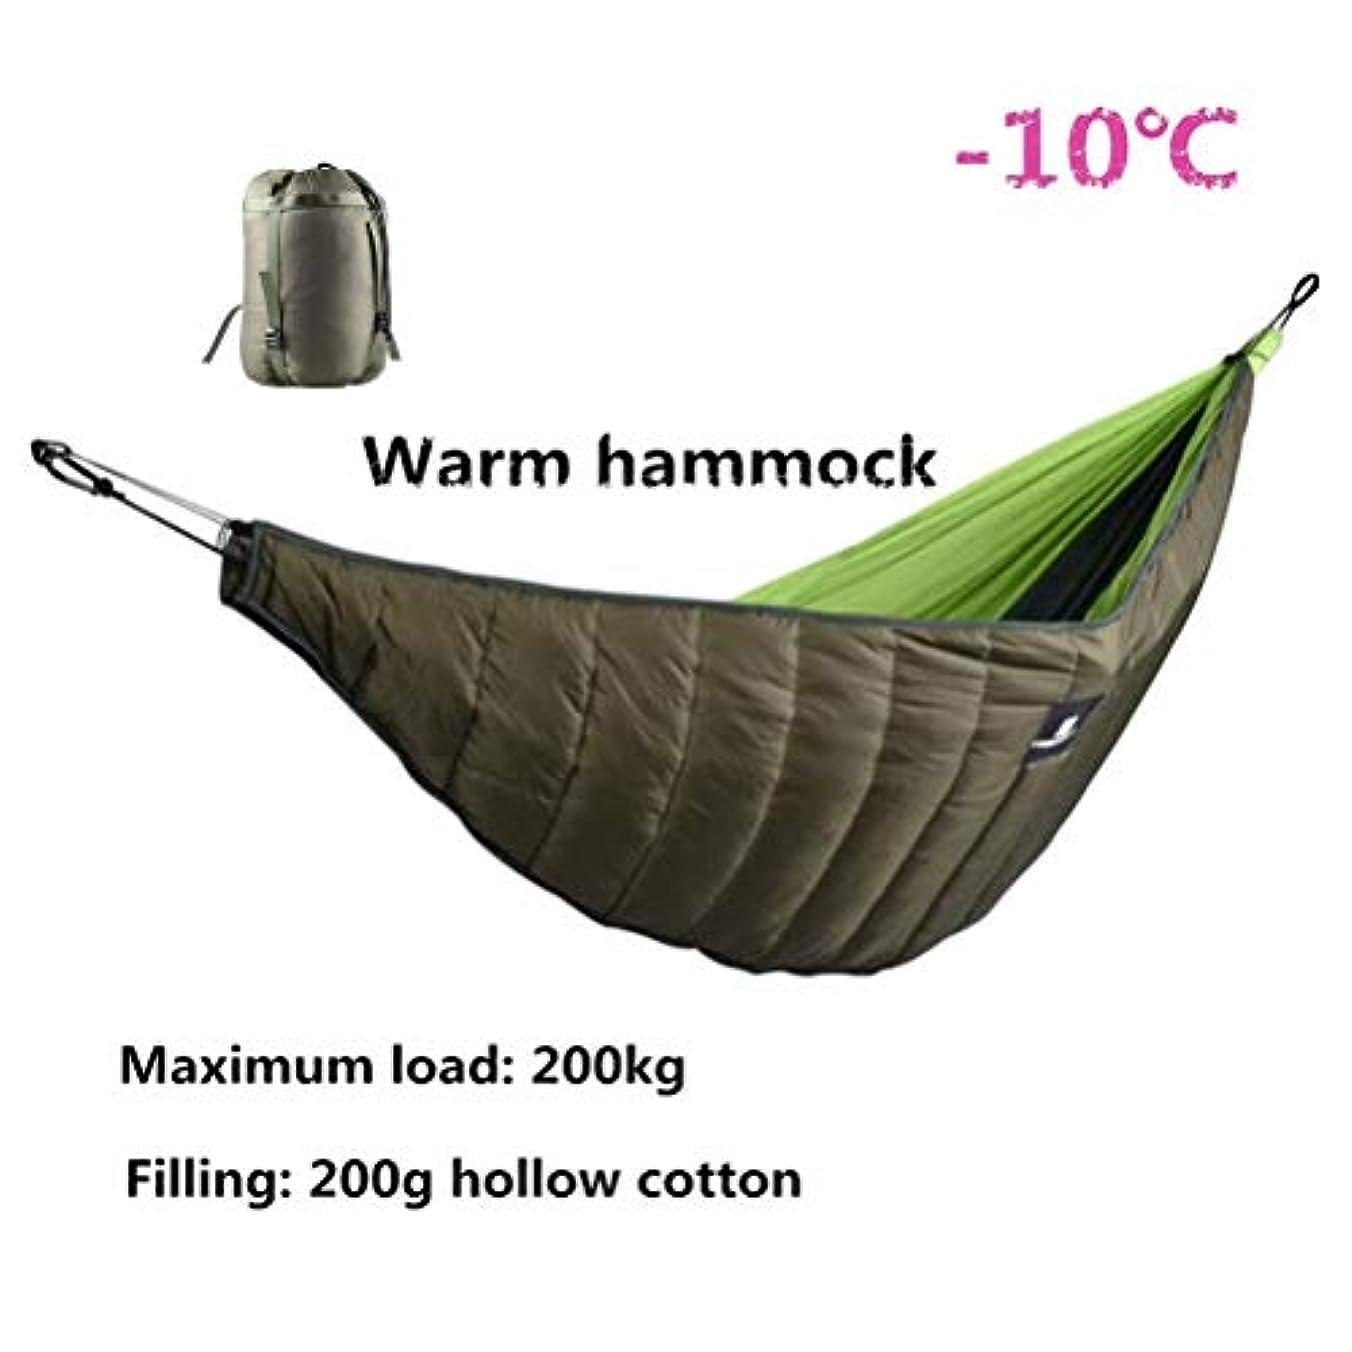 顎大腿能力XUBA ハンモック アンダーキルト 冬用 暖かい キルト ブランケット アウトドア キャンプ用